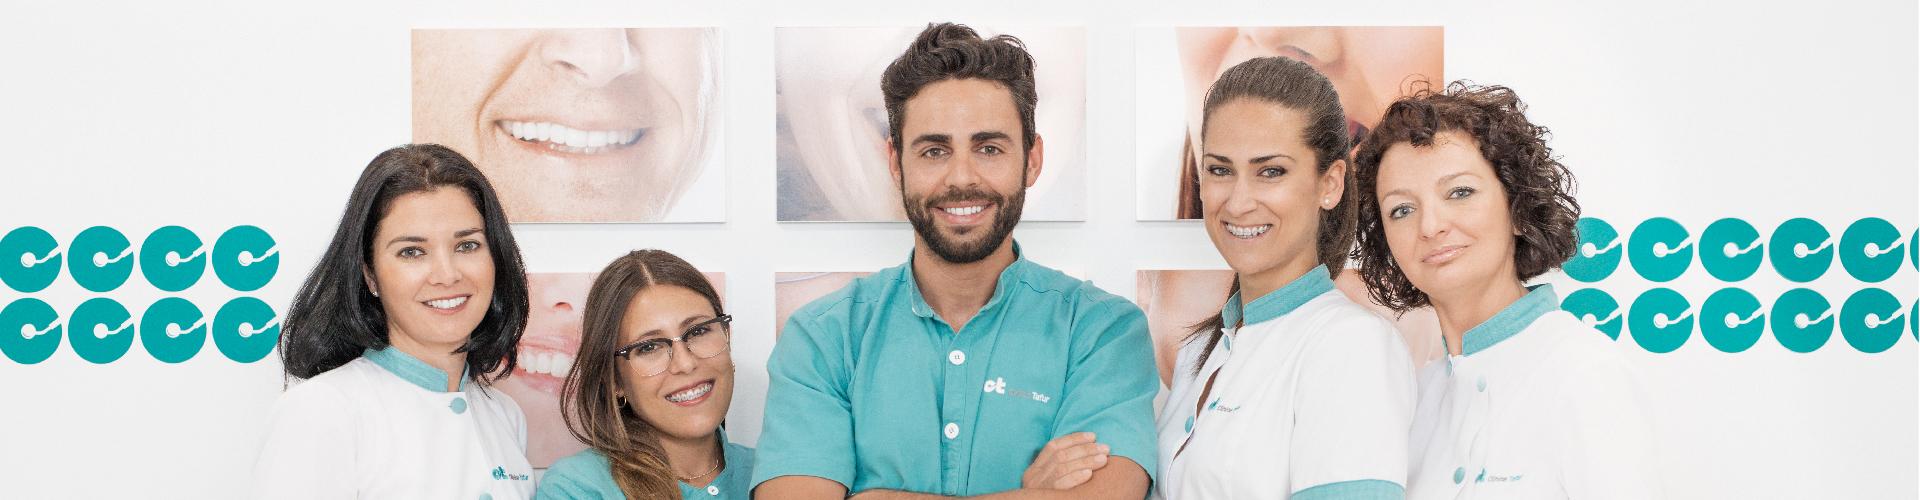 Clínica Dental Tafur - Parve Dental, S.L.